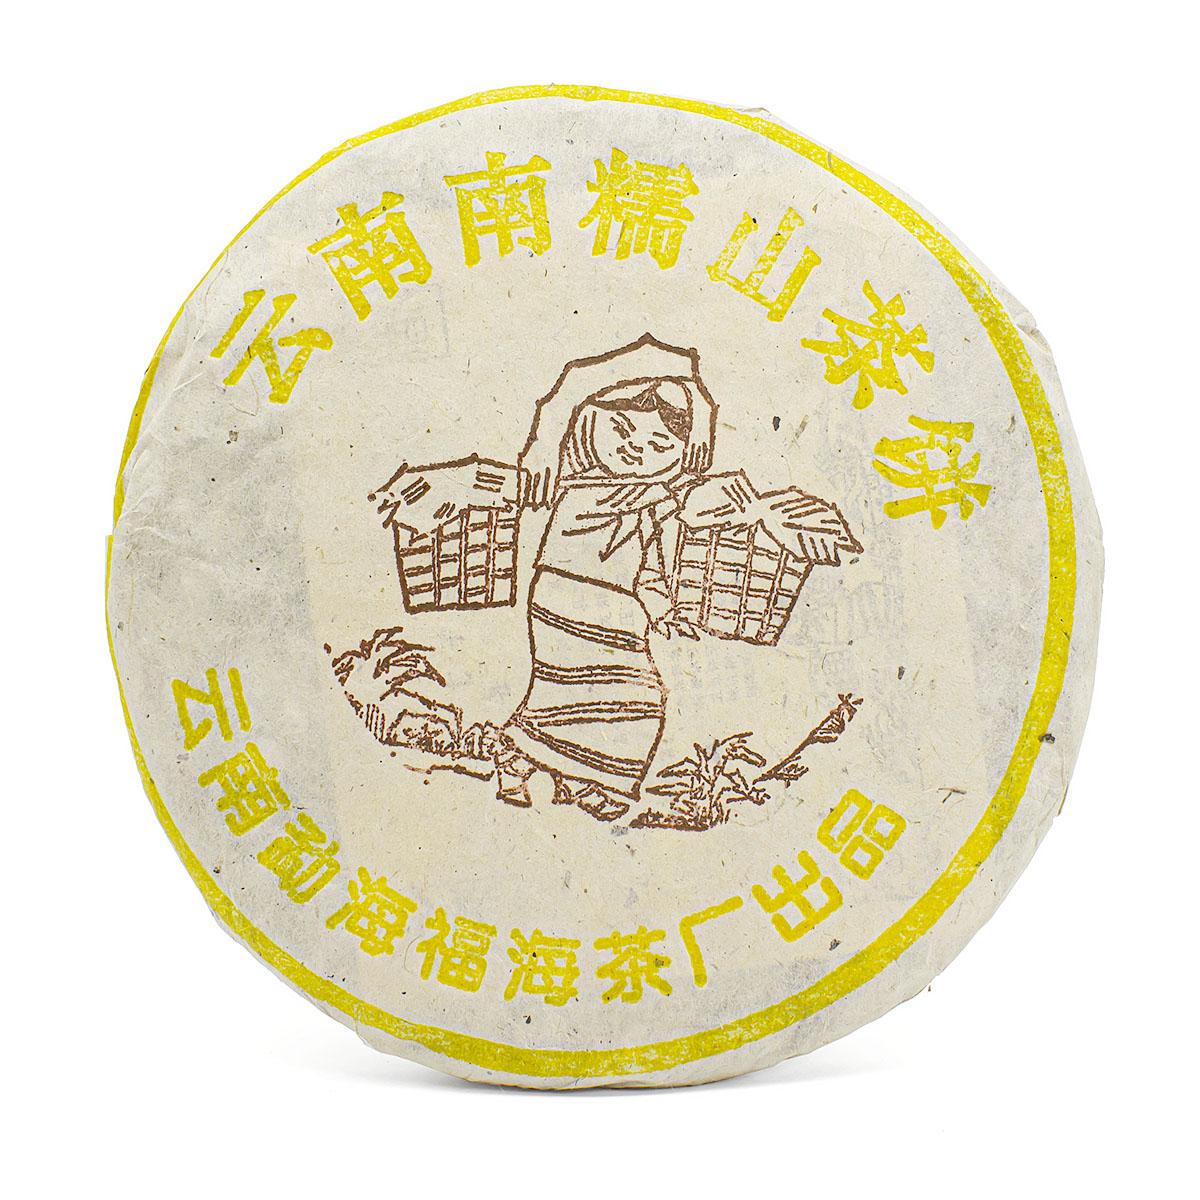 Шу Пуэр Нань Нуо Шань, 1994, блин, 357 г шу пуэр лао тун чжи 9978 хайвань 2017 блин 357 г